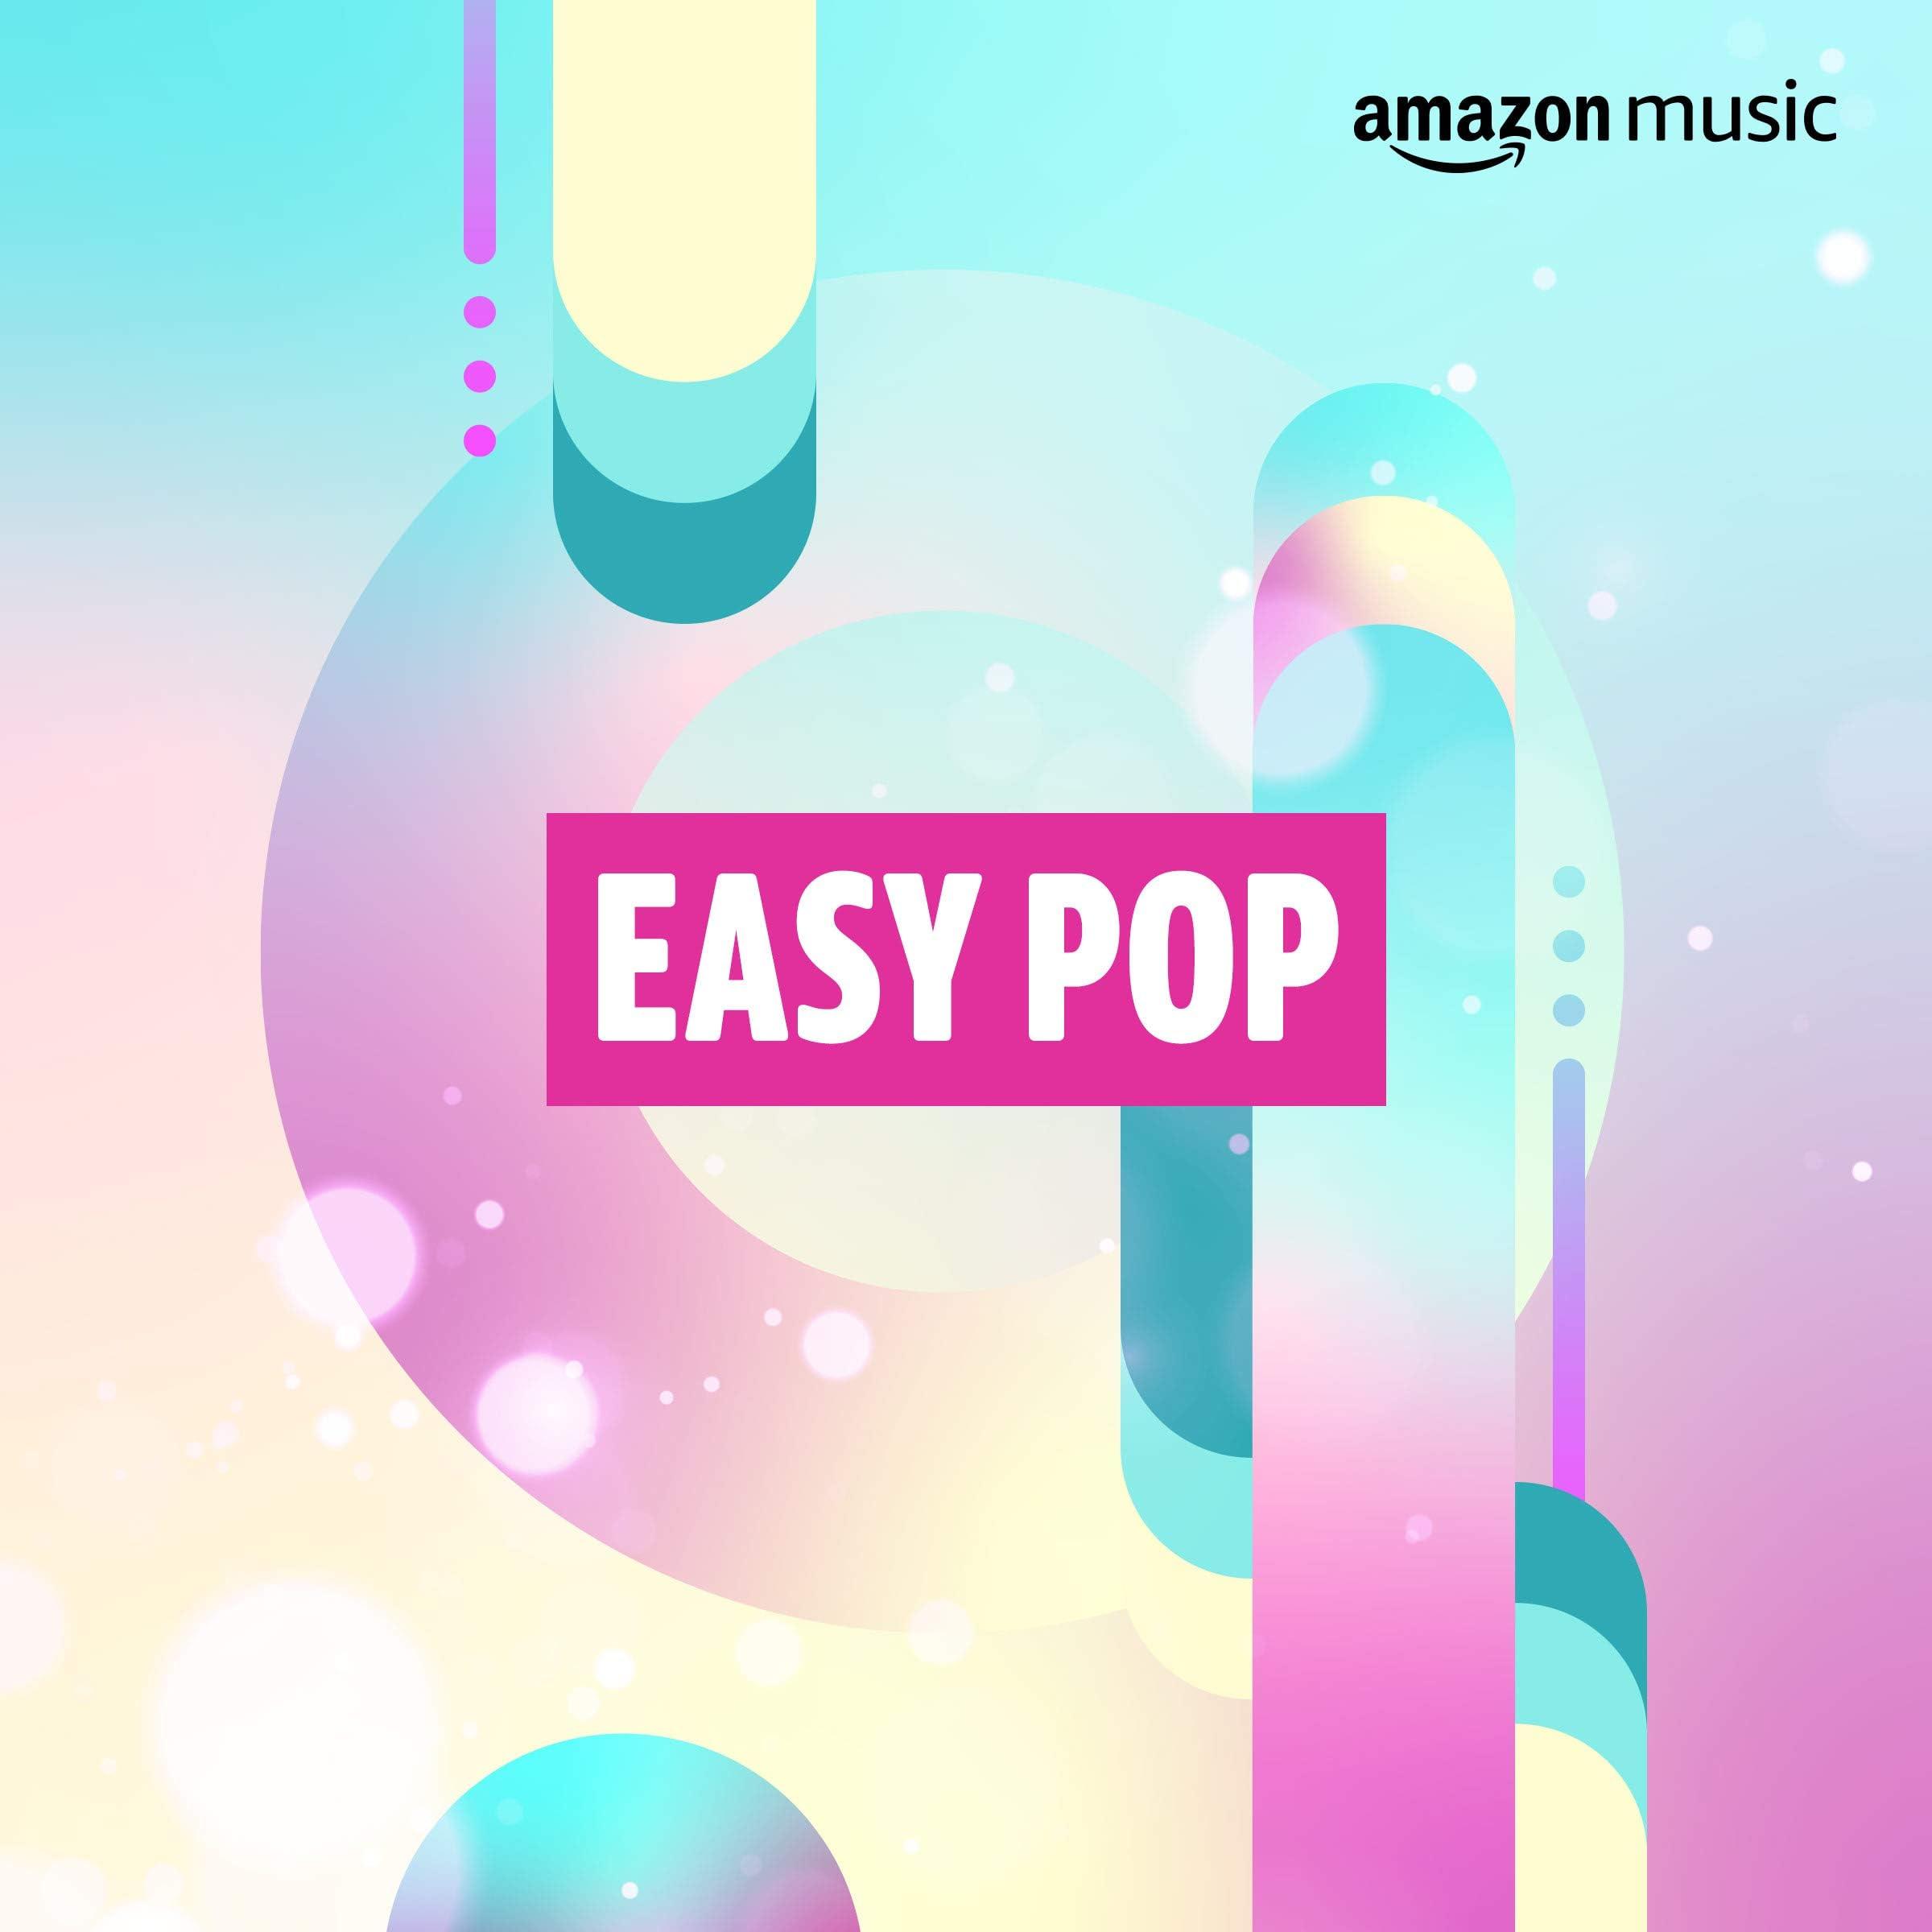 Easy Pop